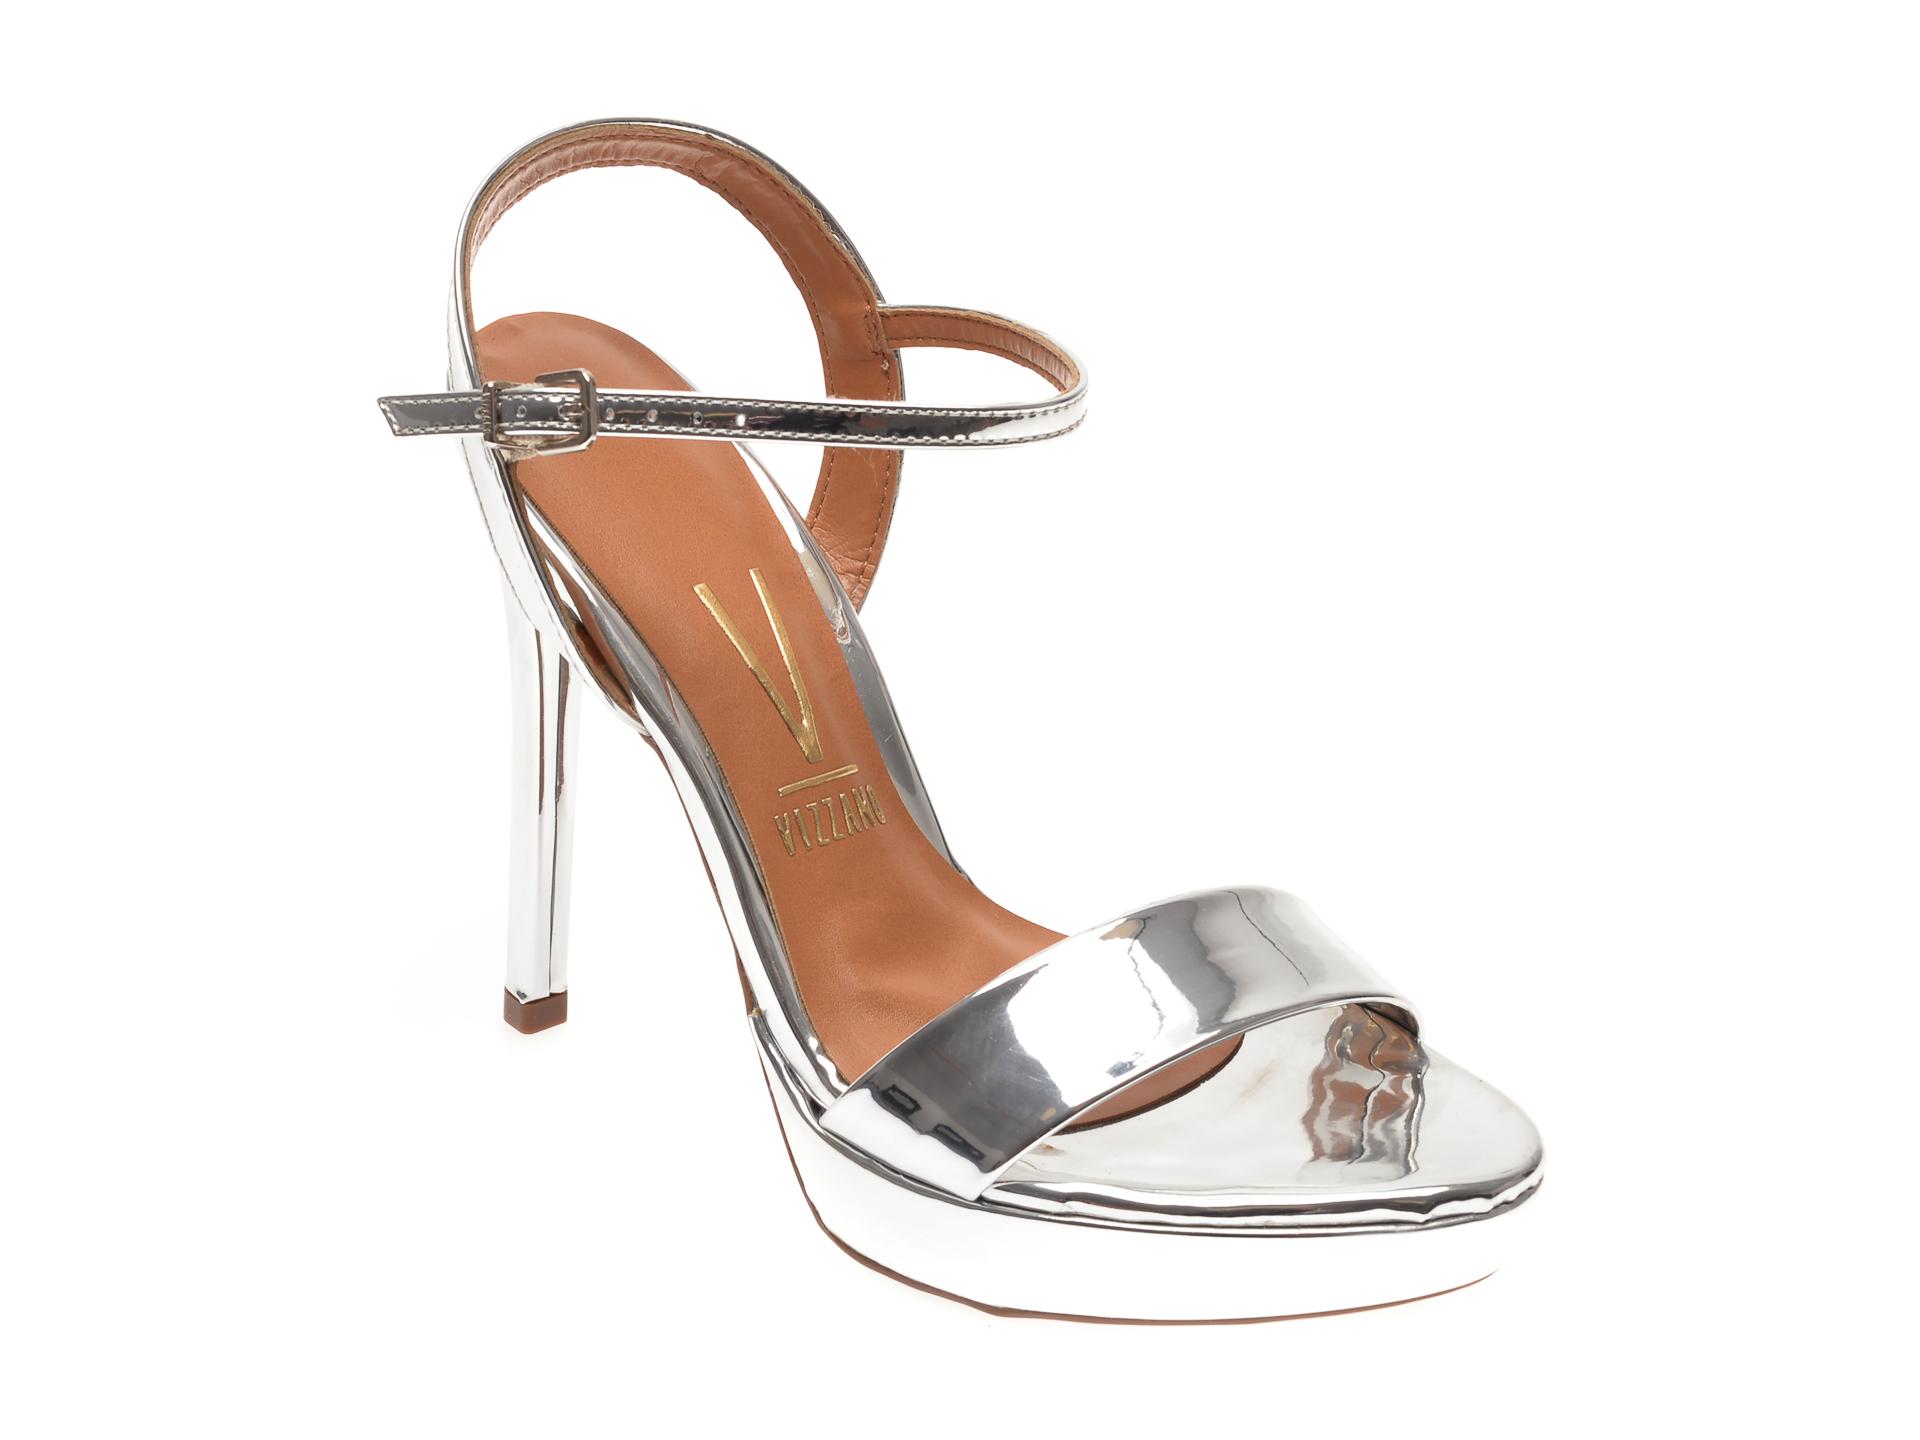 Sandale VIZZANO argintii, 6326100, din piele ecologica